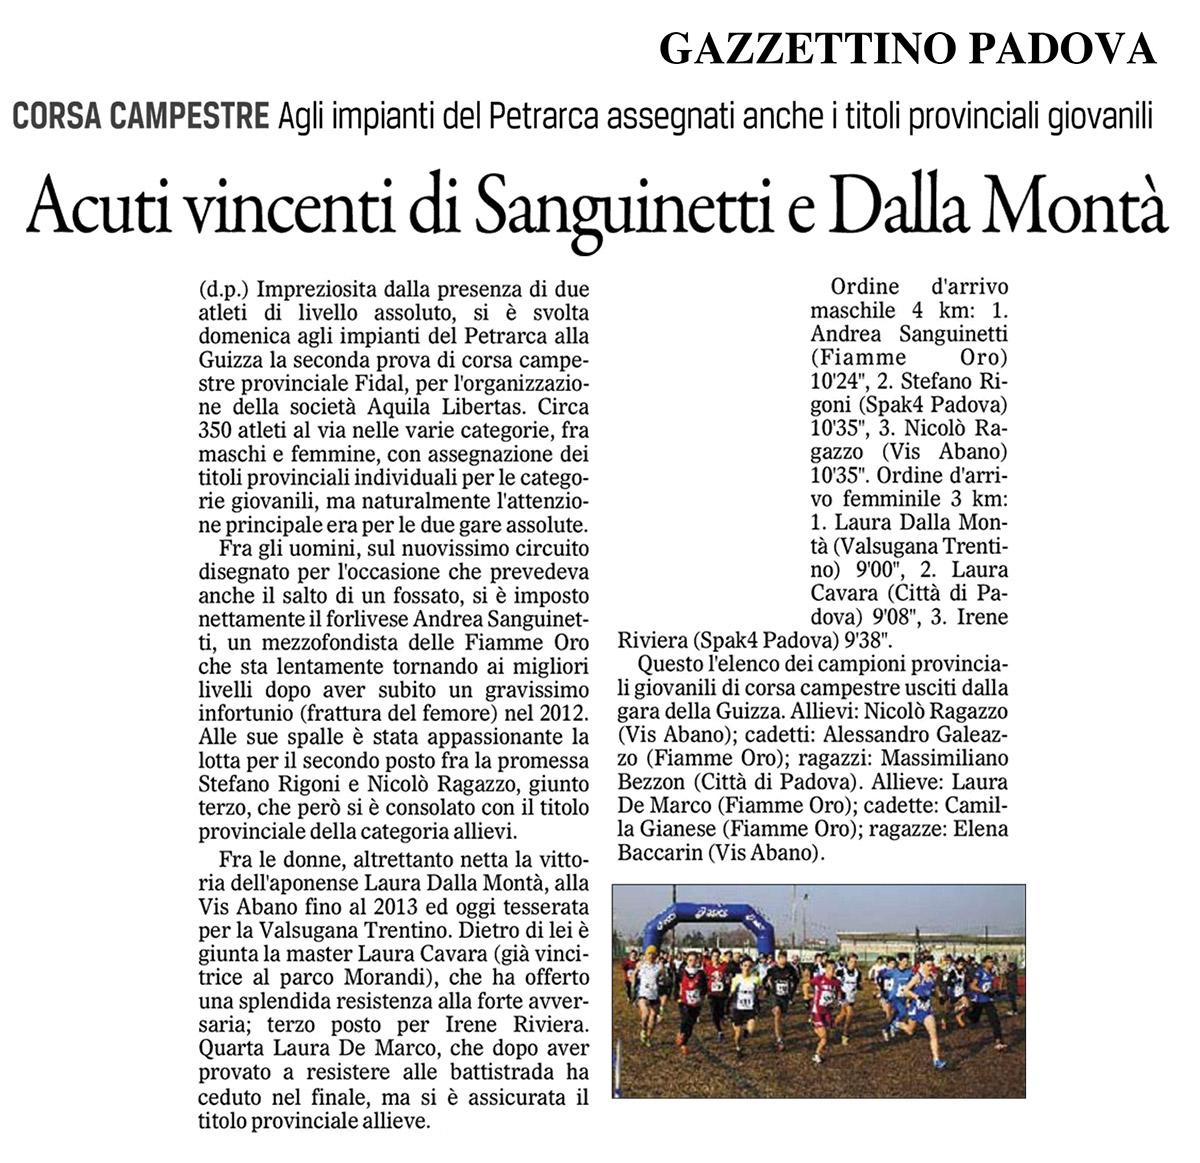 Gazzettino Padova 100215 - Fiamme Oro Atletica